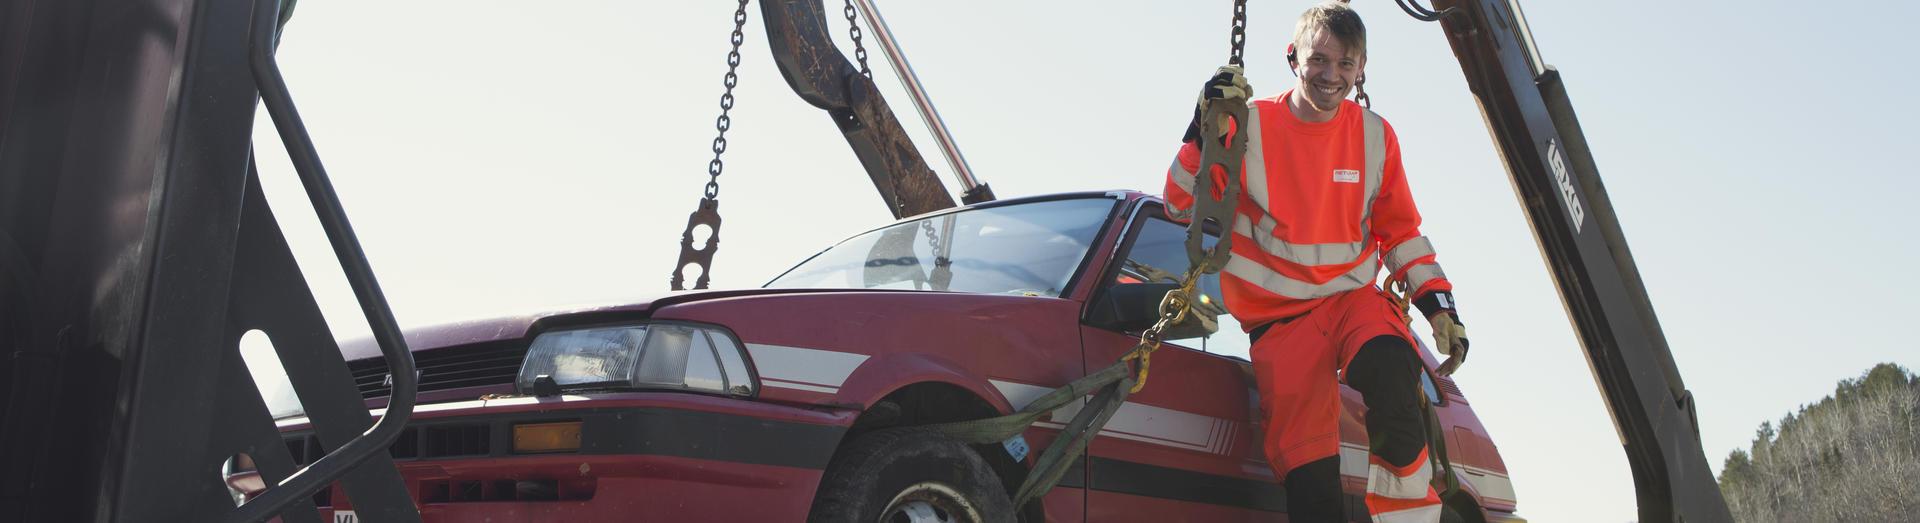 Sikker festing av bilvrak